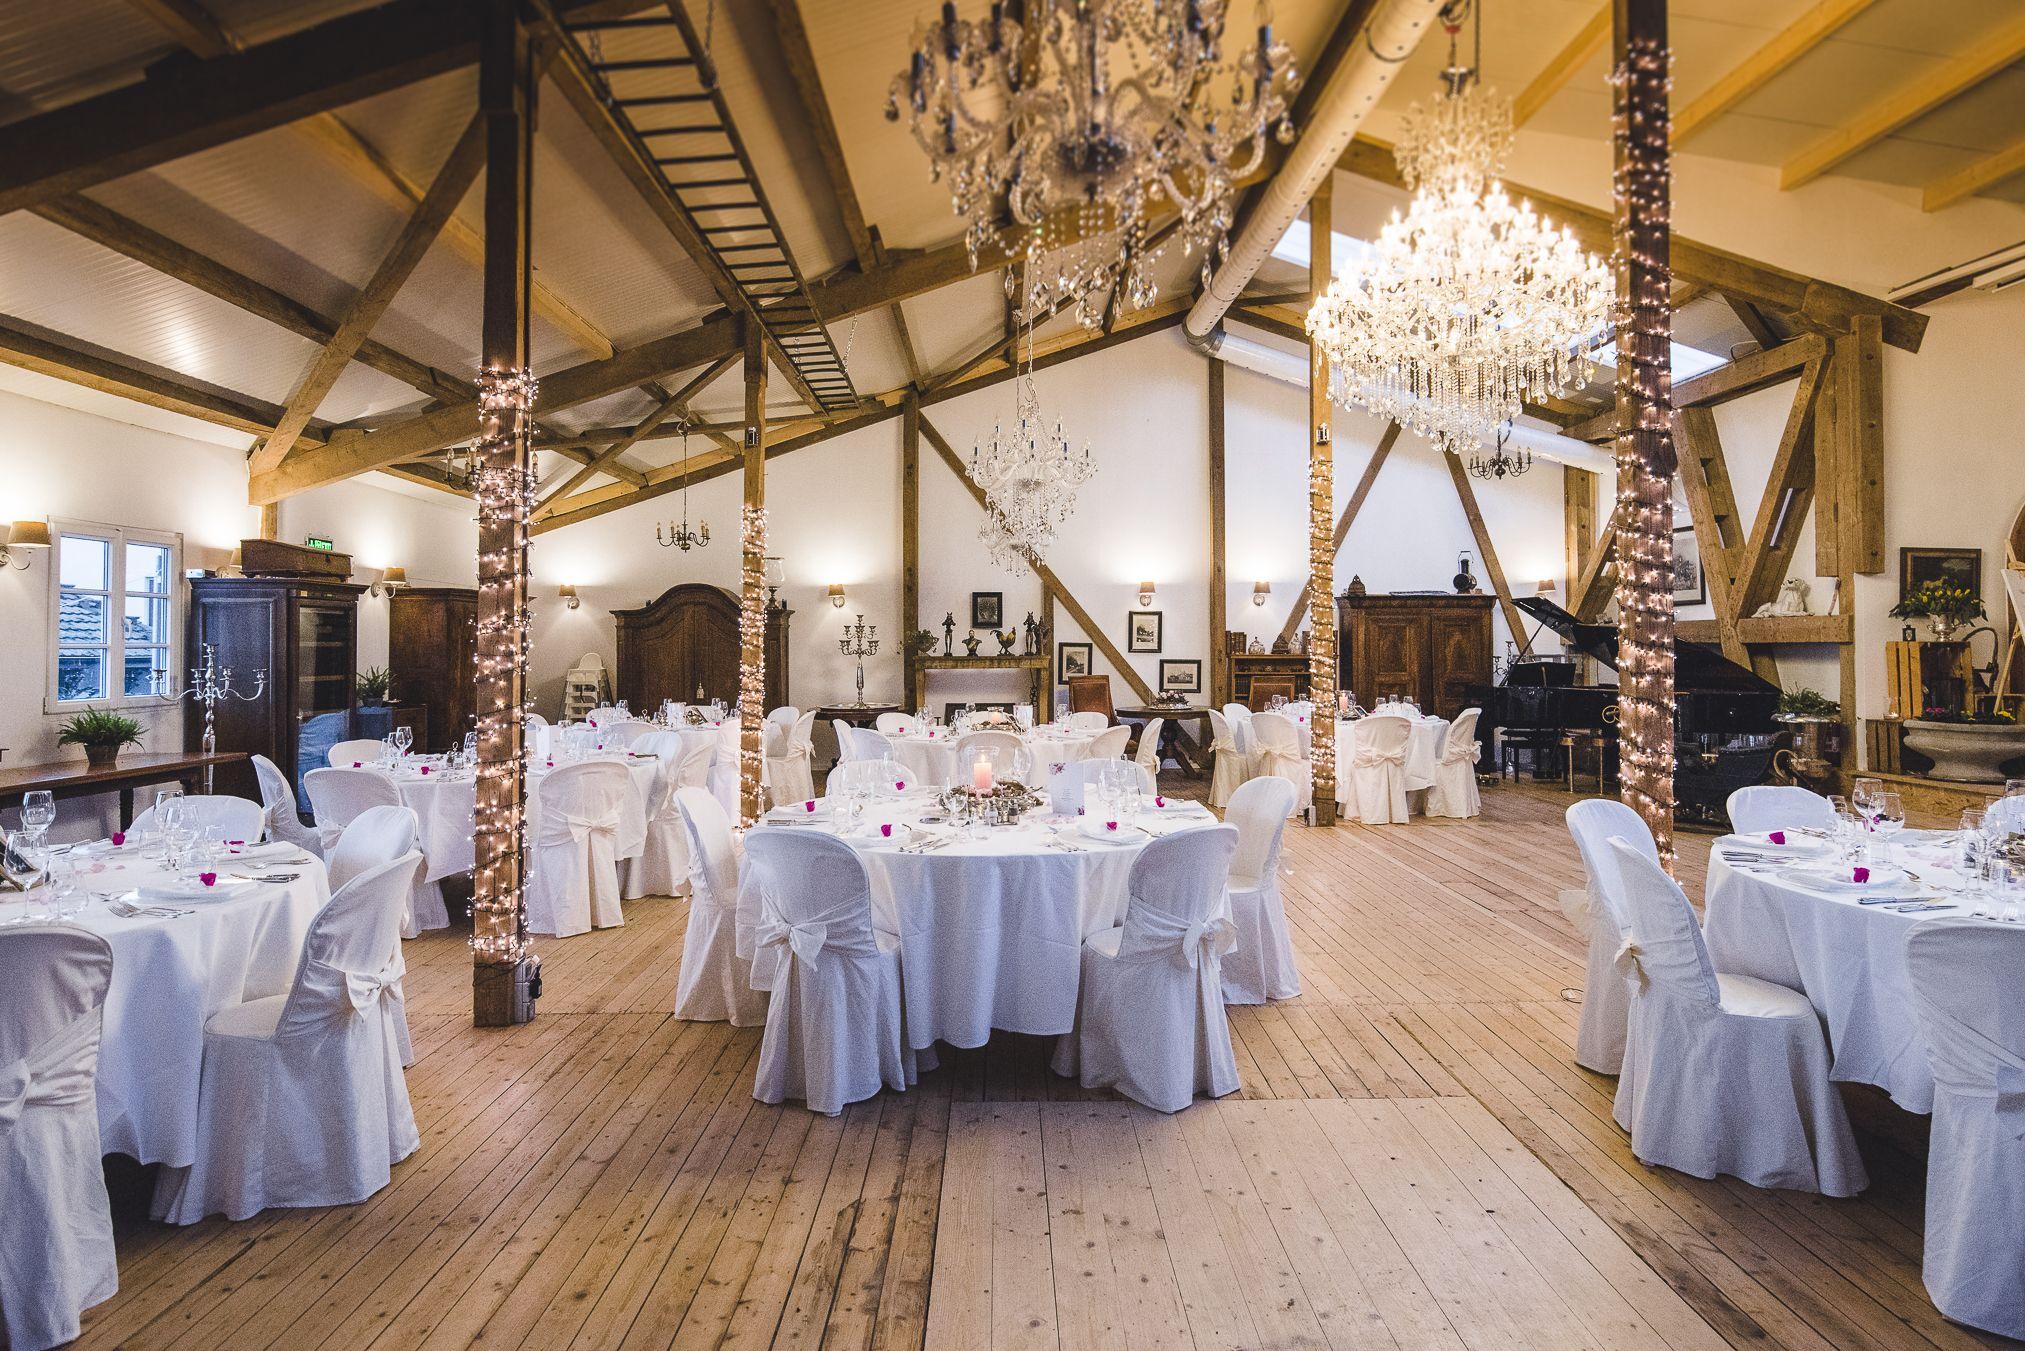 Hochzeit Bei Rottlerhof In 2020 Hochzeitstisch Hochzeit Hochzeitsfotograf